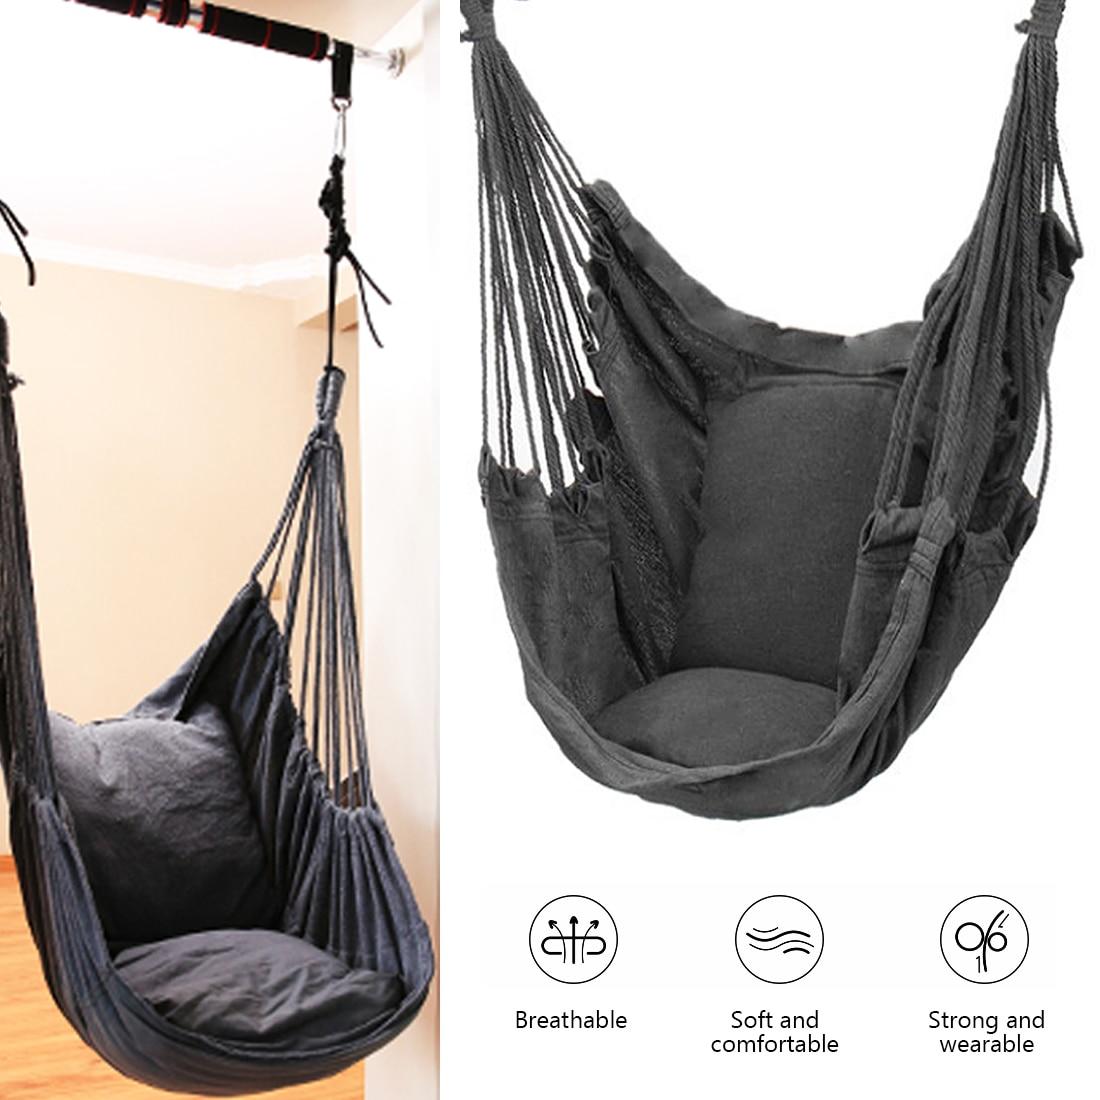 Туристический гамак, портативное качели-кресло, уличная мебель, подвесное уличное кресло с веревкой, качели для взрослых, садовая мебель, дл...